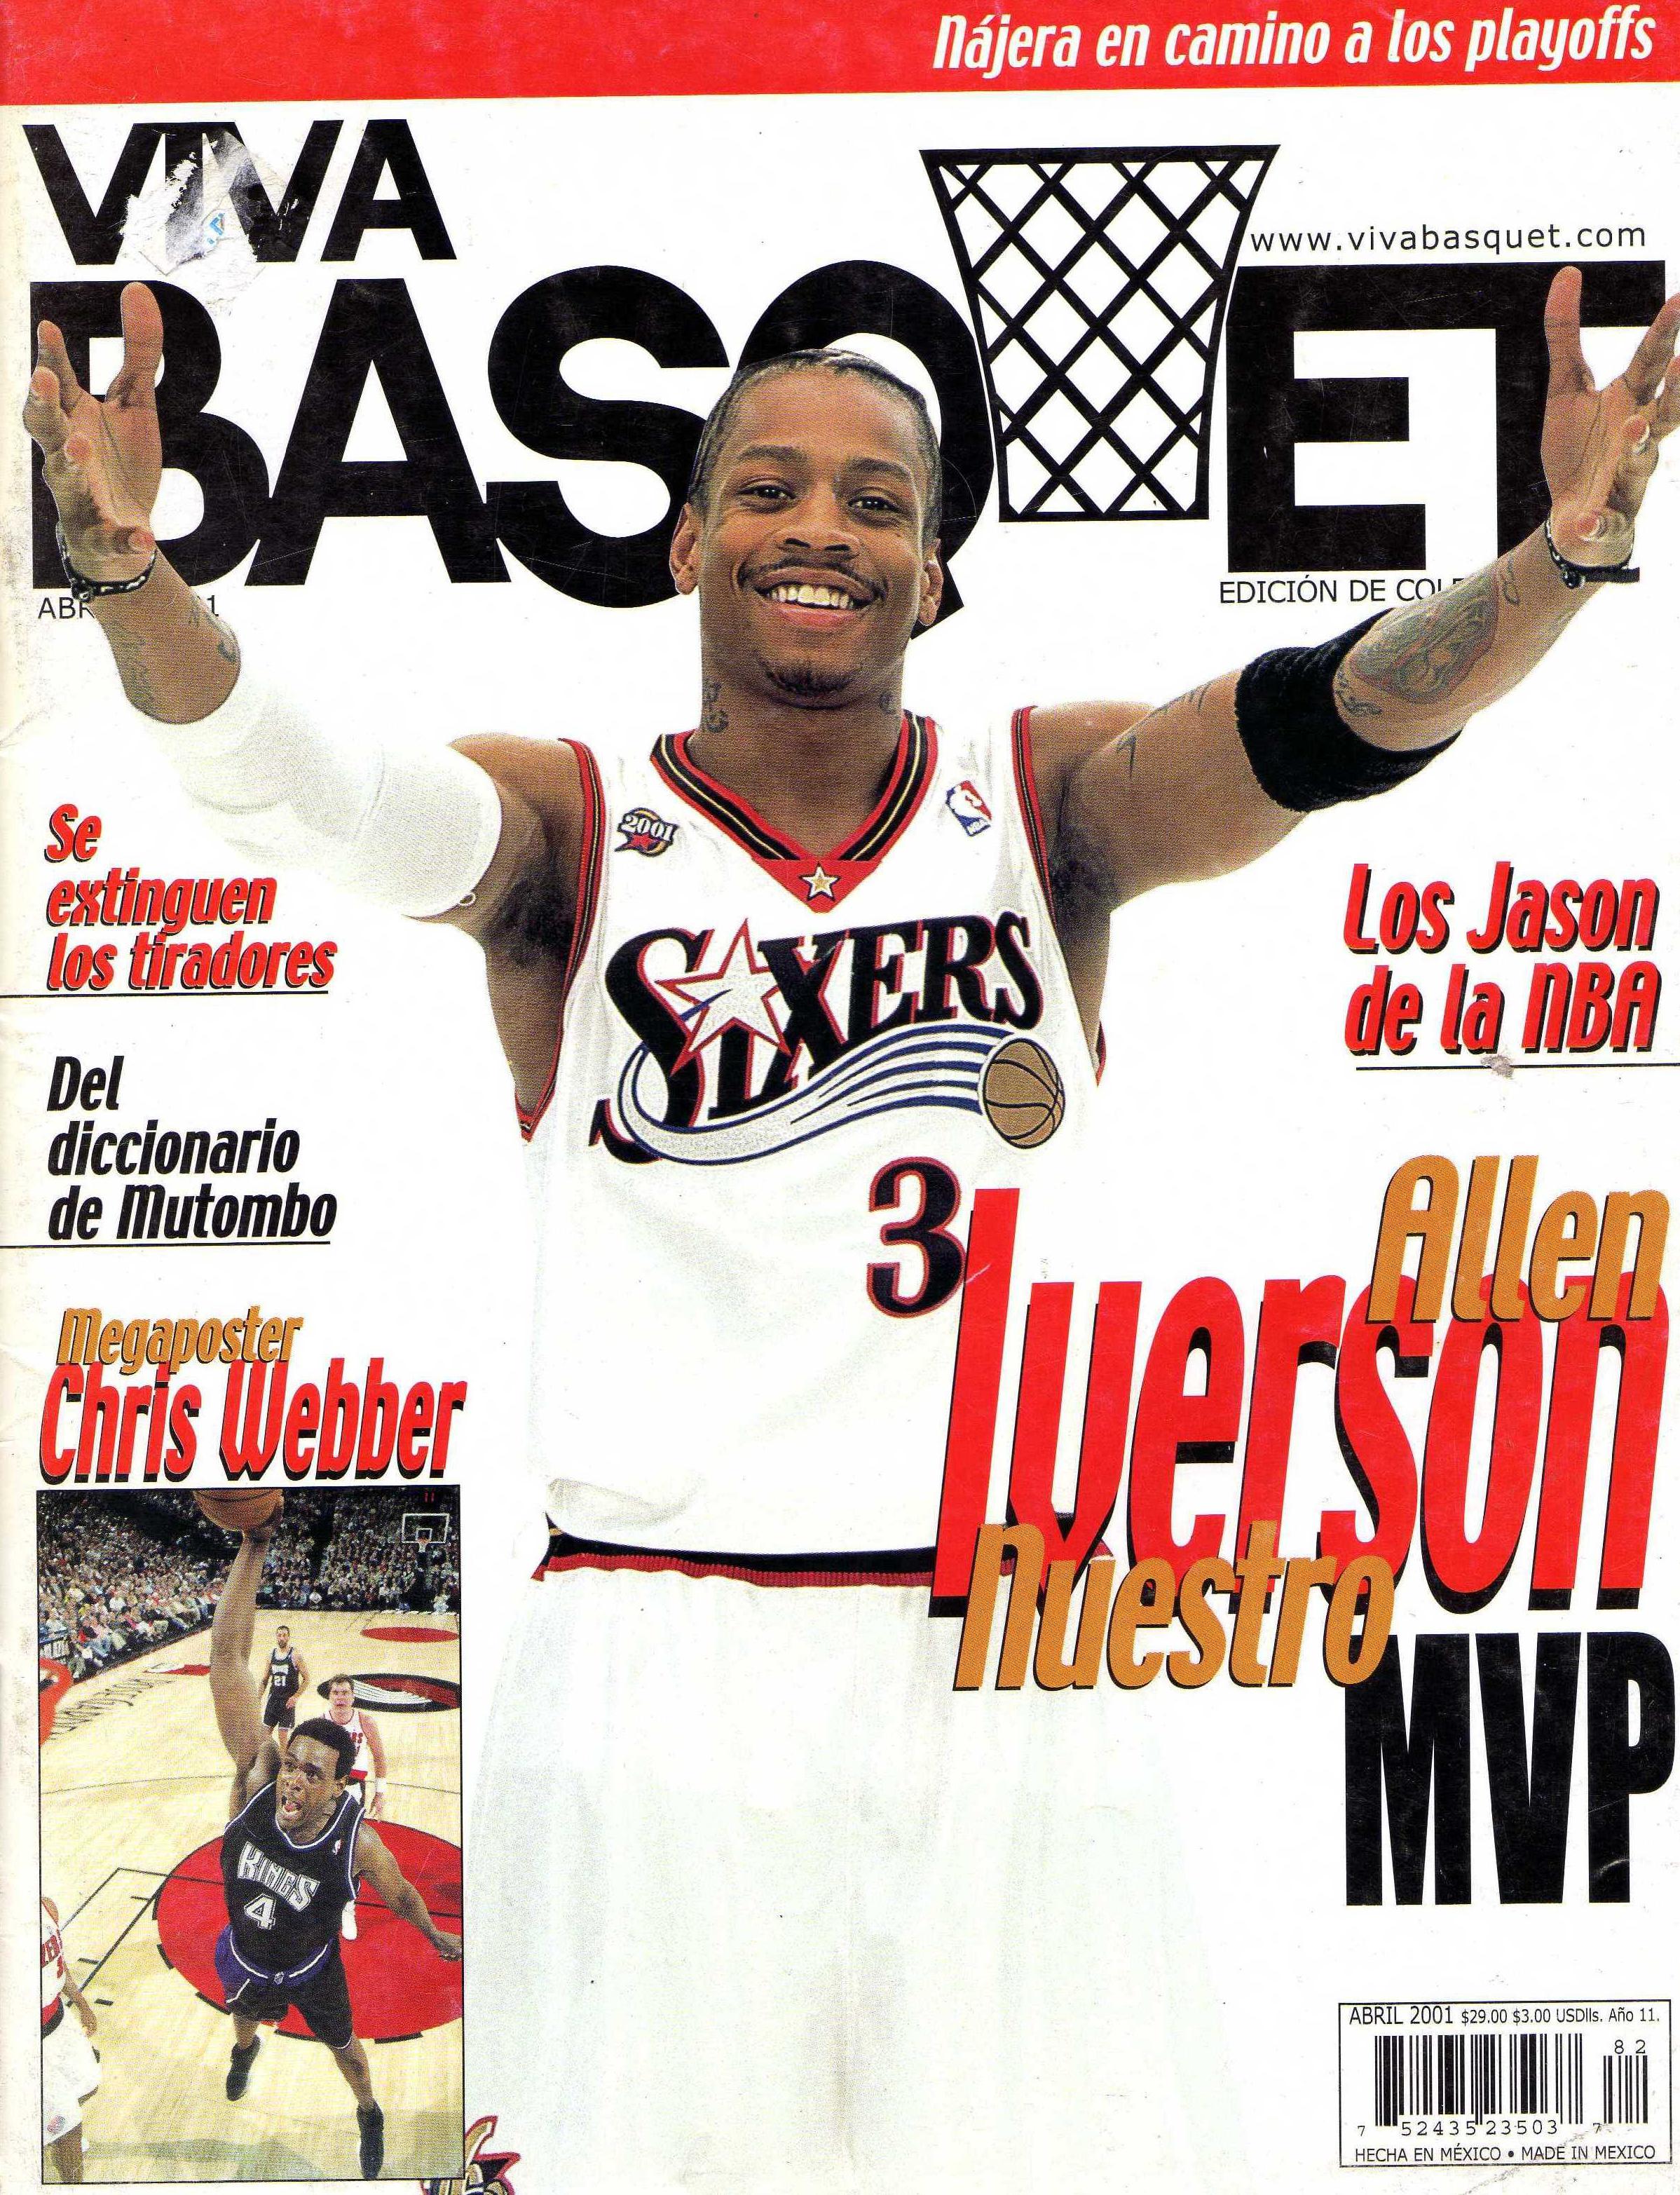 IVERSON Viva Basquet jugador de basquetbol